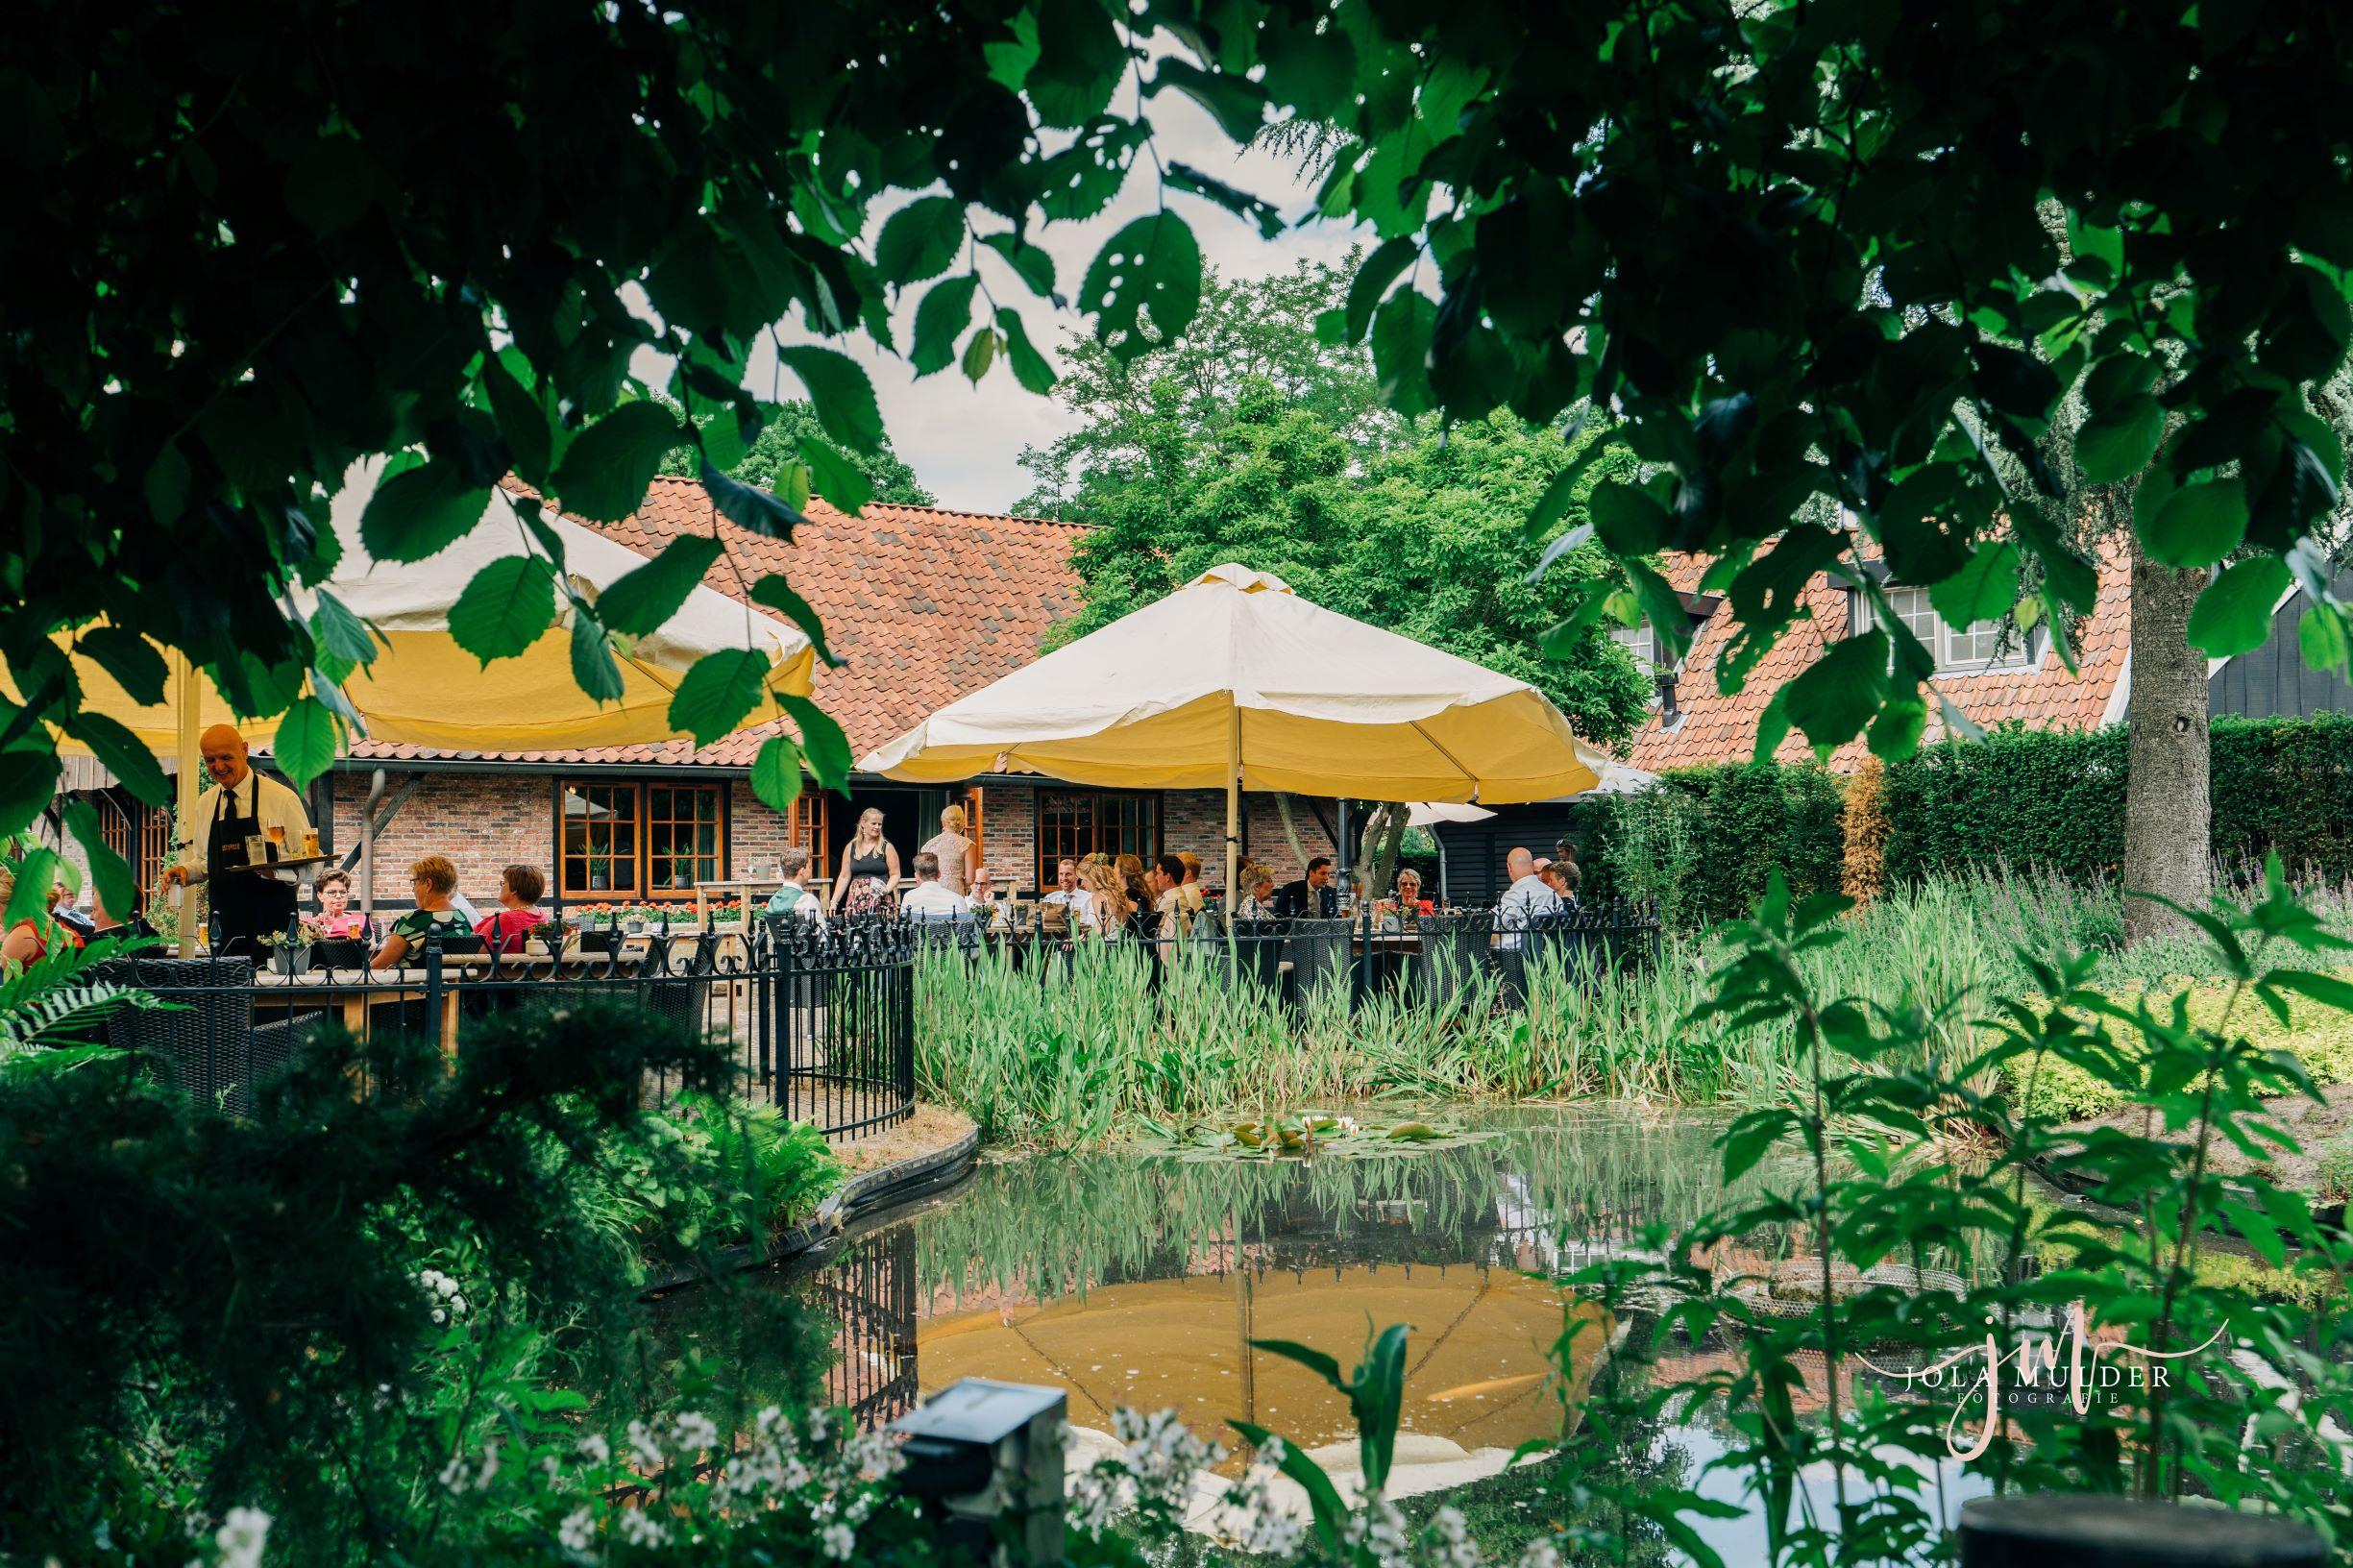 Terras - Lunch - Diner - Wandeltocht - Fietstocht - Restaurant Bij Boenders - Privé events - verjaardag - jubileum - familiefeest - familiedag - Jola Mulder Fotografie - Wapen van Beckum